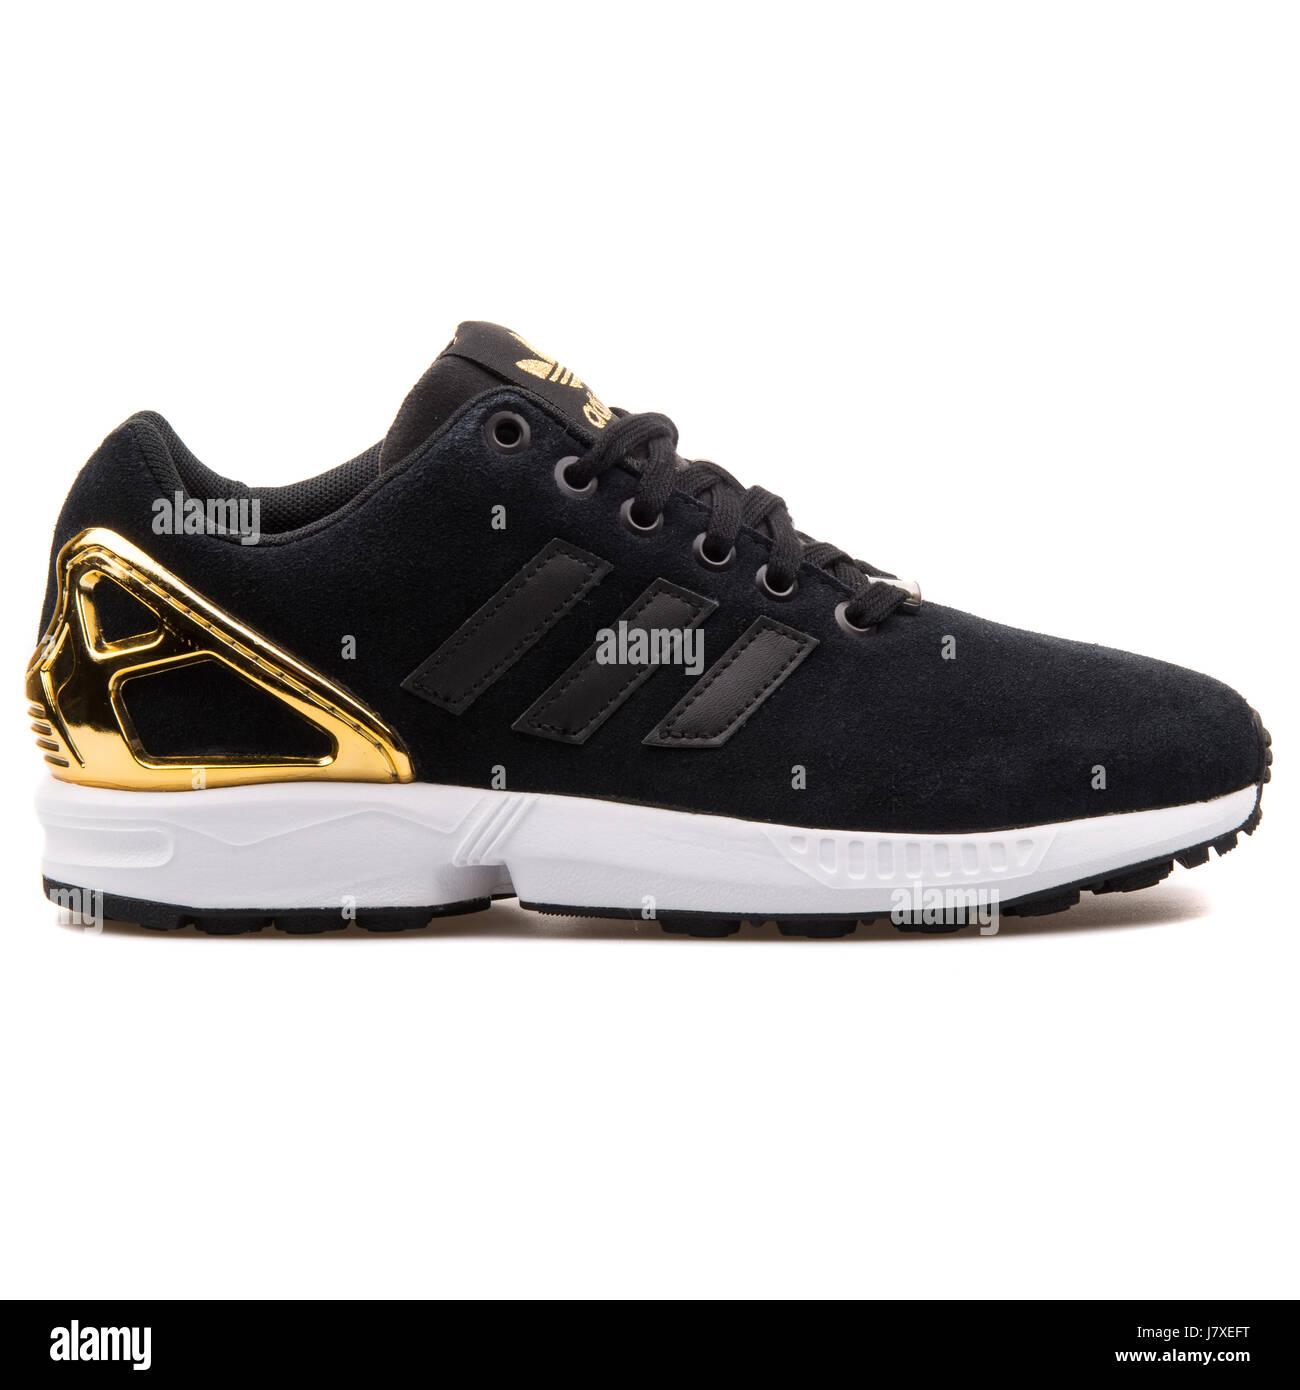 adidas zx flux donna oro